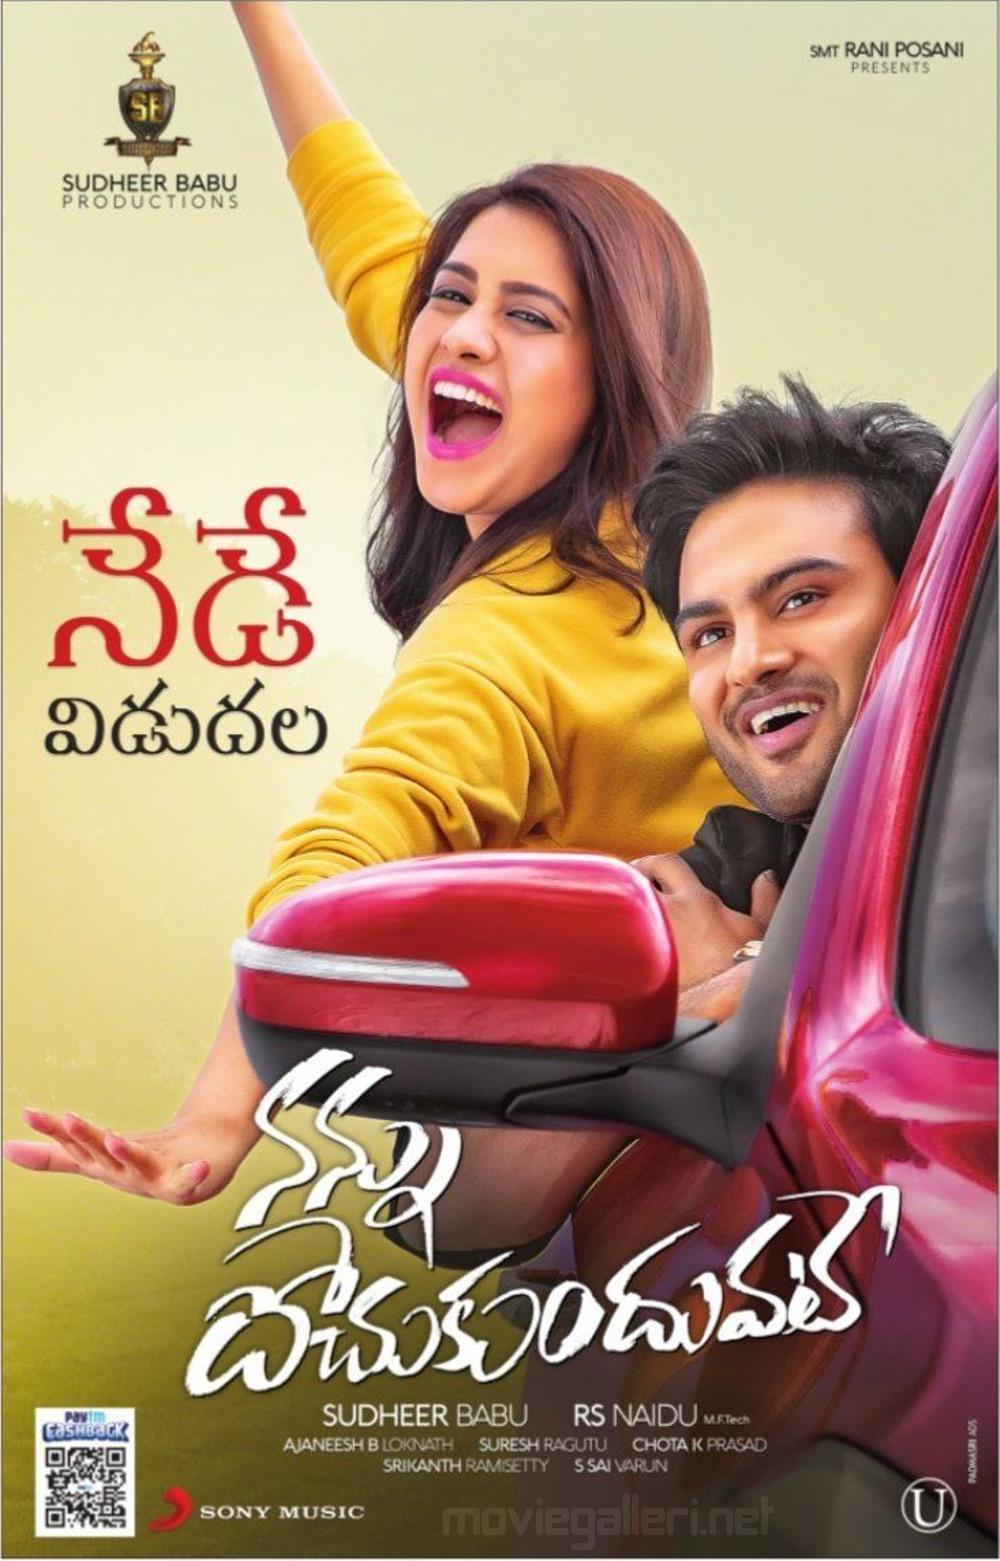 Nabha Natesh, Sudheer Babu in Nannu Dochukunduvate Movie Release Today Poster